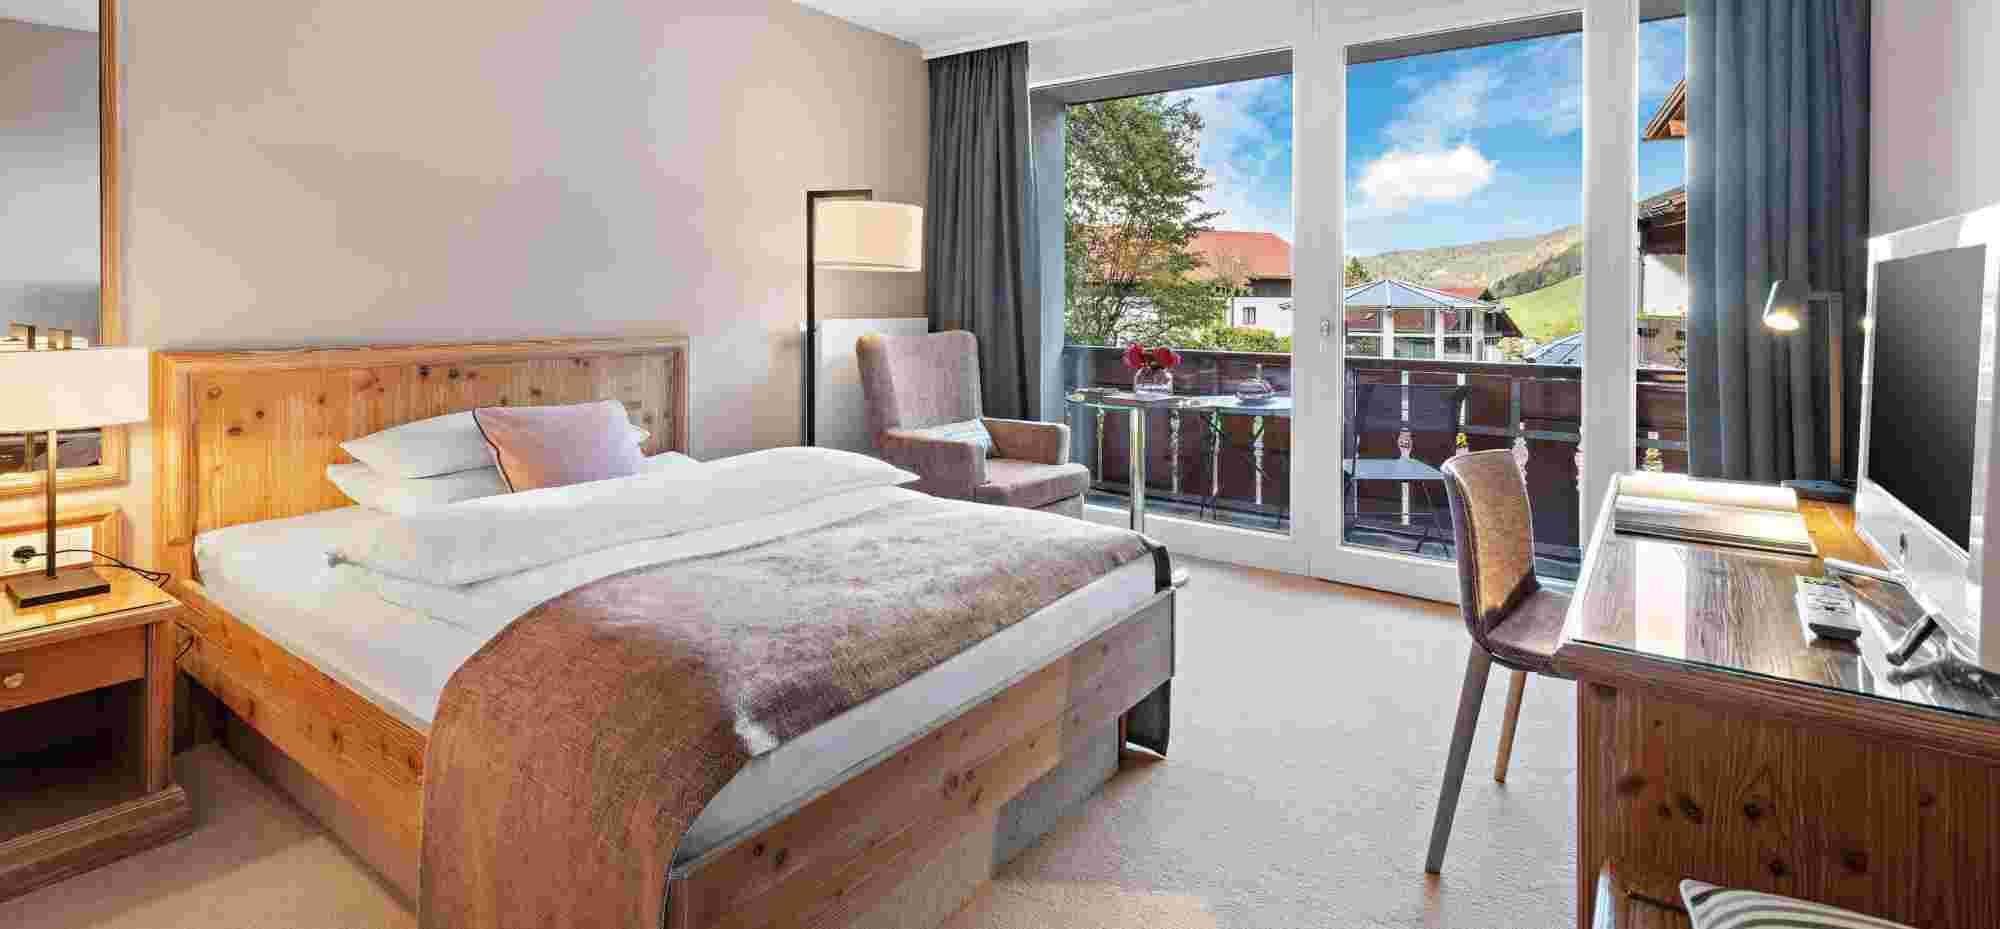 Comfort Einzelzimmer mit Blick zum Pool im Hotel Allgäu Sonne in Oberstaufen